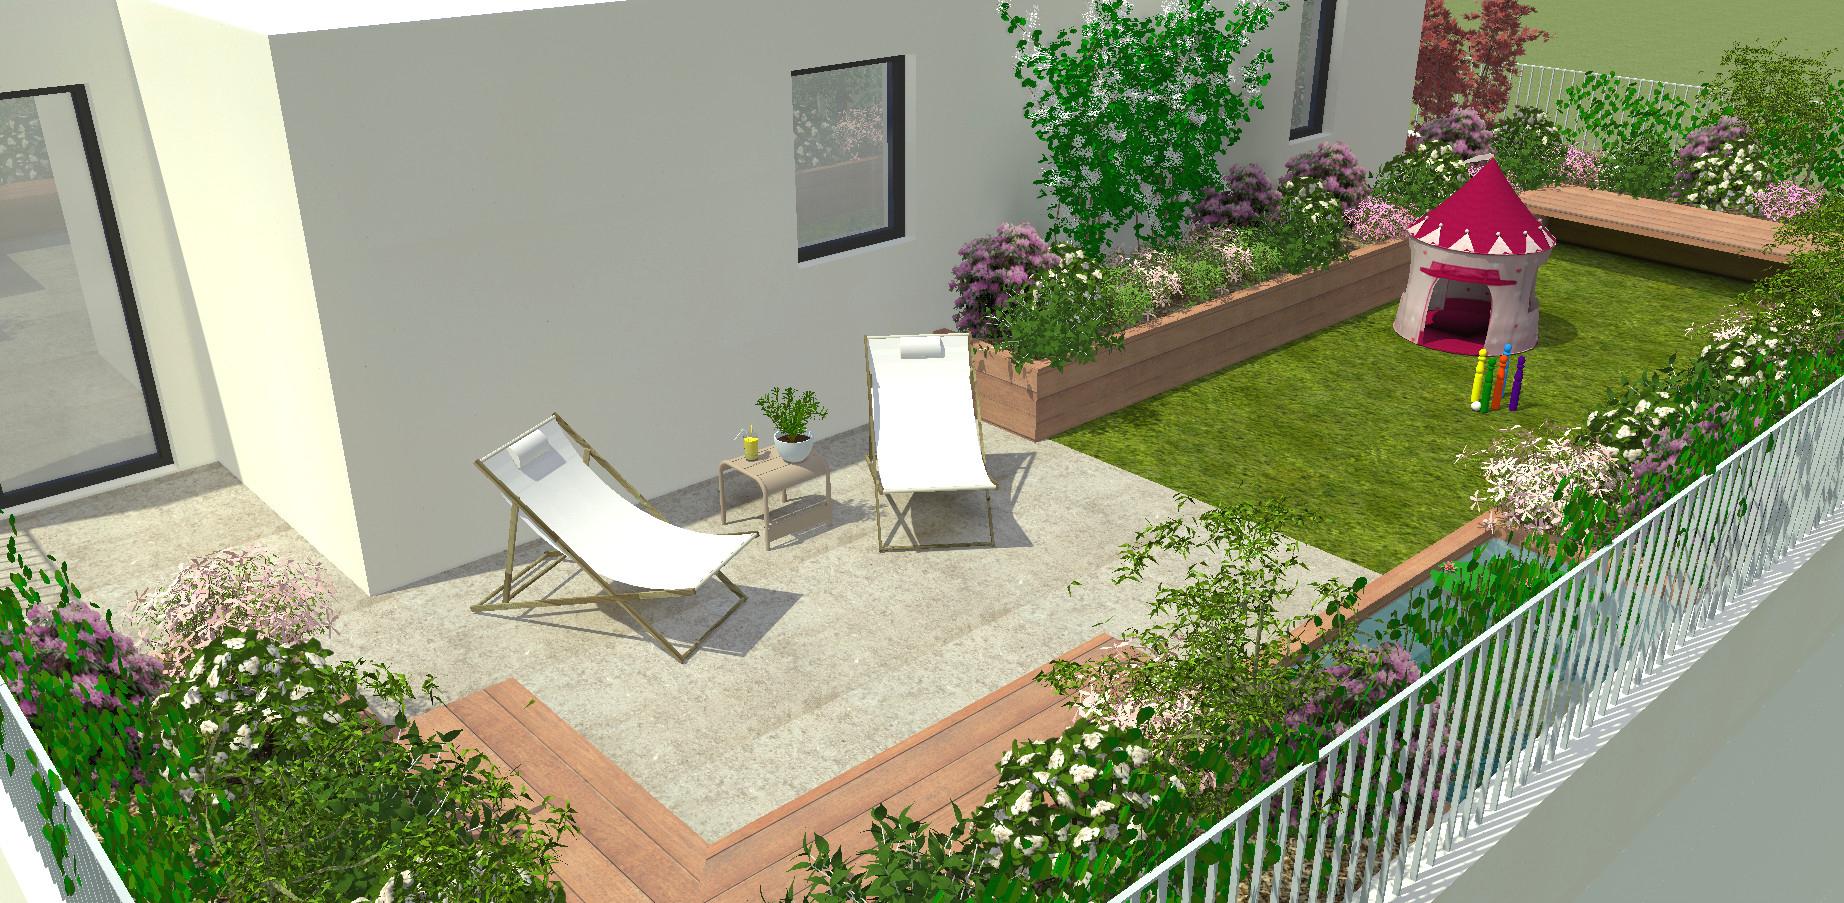 Logiciel Amã©Nagement Jardin Conception - Idees Conception ... à Créer Son Jardin En 3D Gratuit